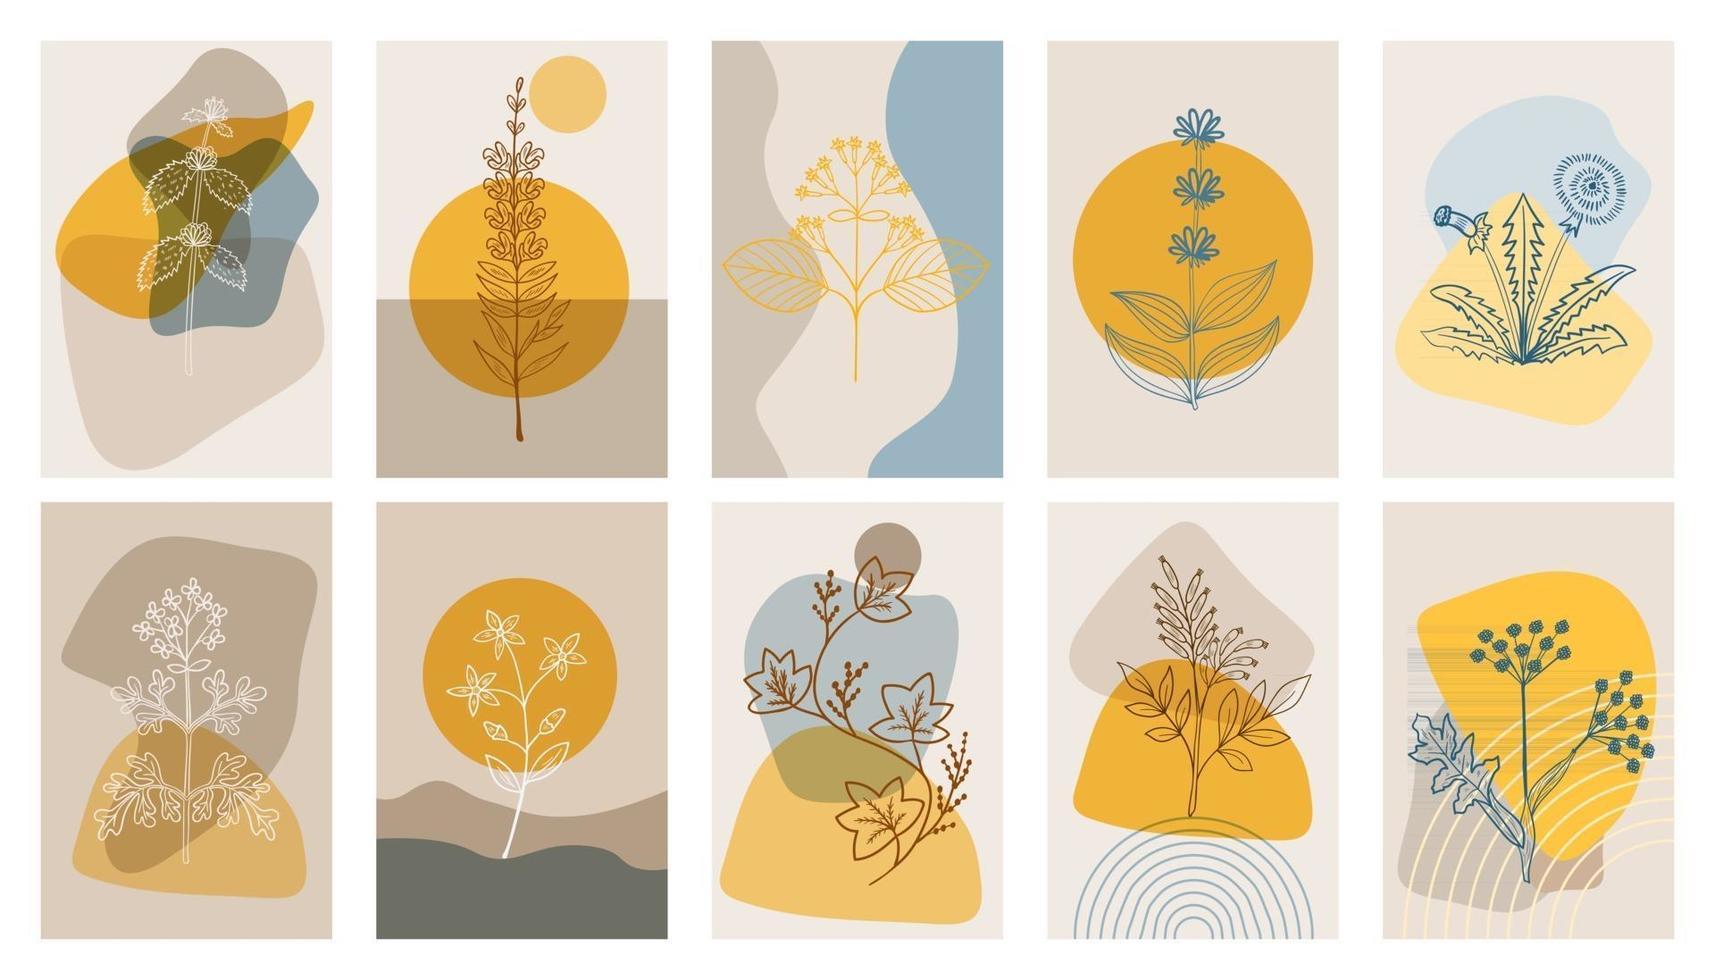 carteles abstractos con hierbas amargas, set. elementos geométricos abstractos y flores, hojas y bayas vector